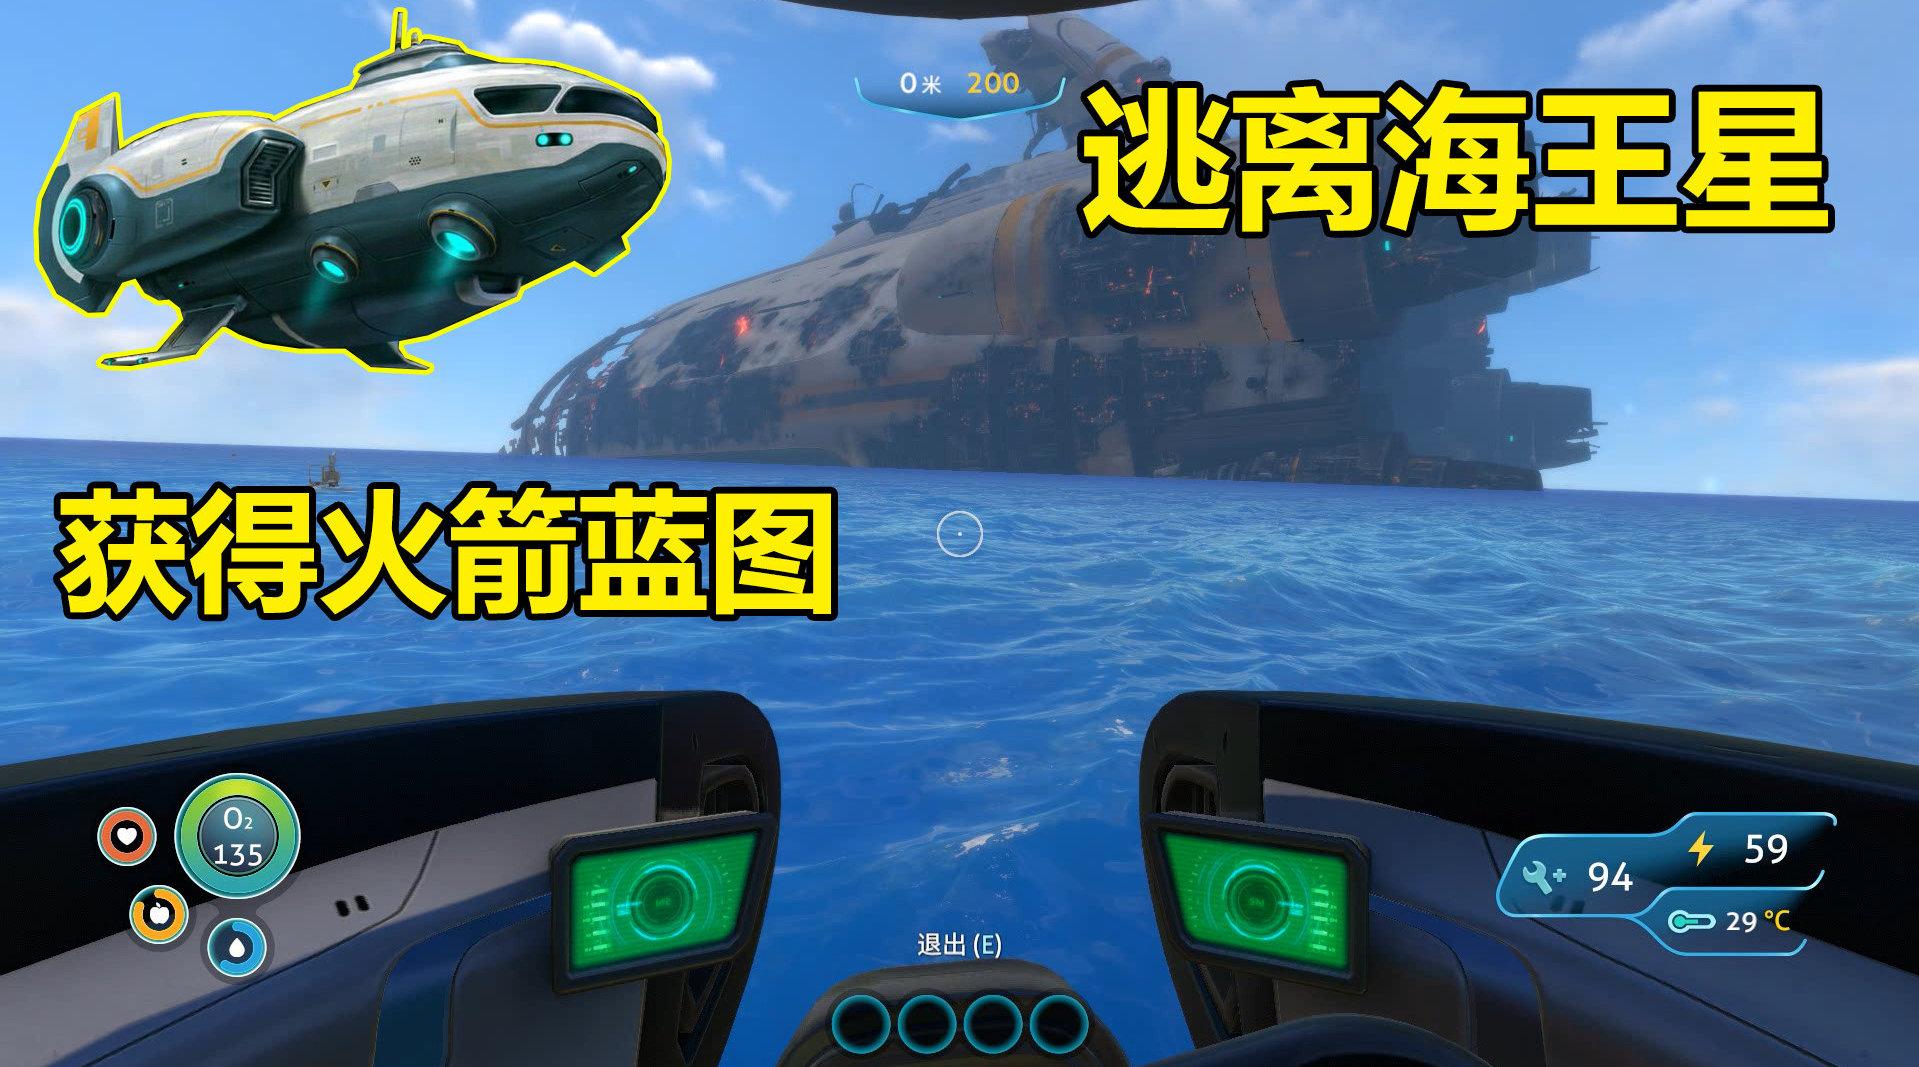 深海迷航08:进入极光号船长办公室发现希望,逃离海王星的火箭!